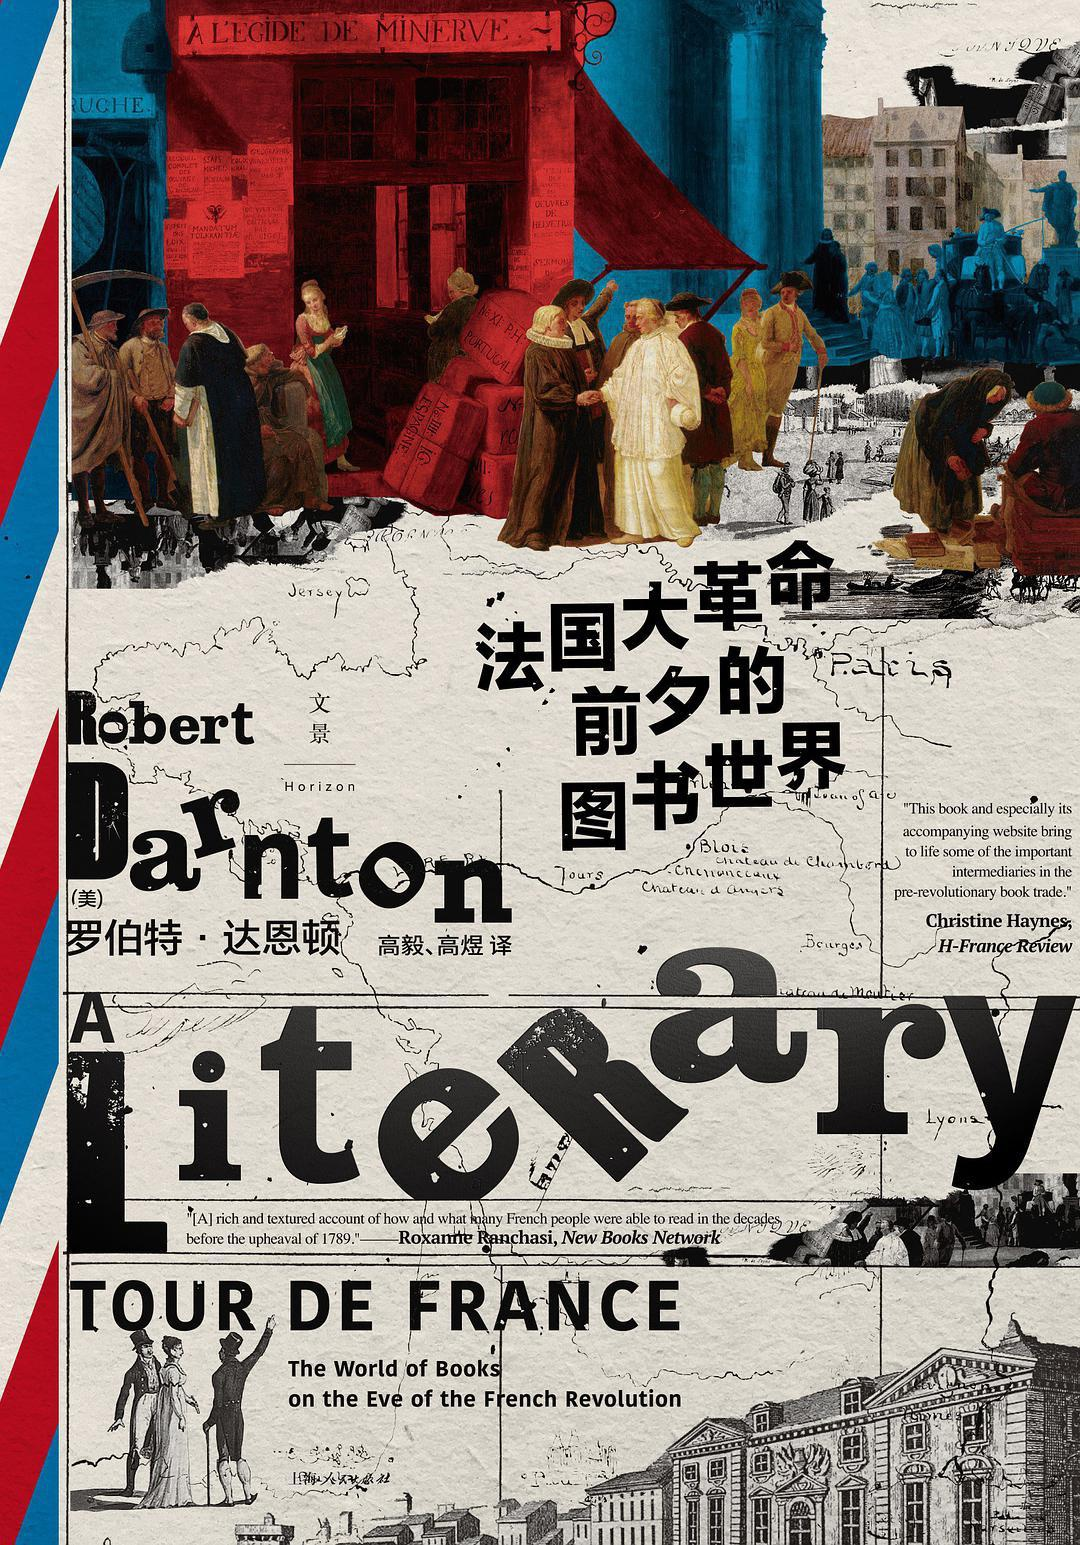 刘铮评《法国大革命前夕的图书世界》 达恩顿:缩小的雄心